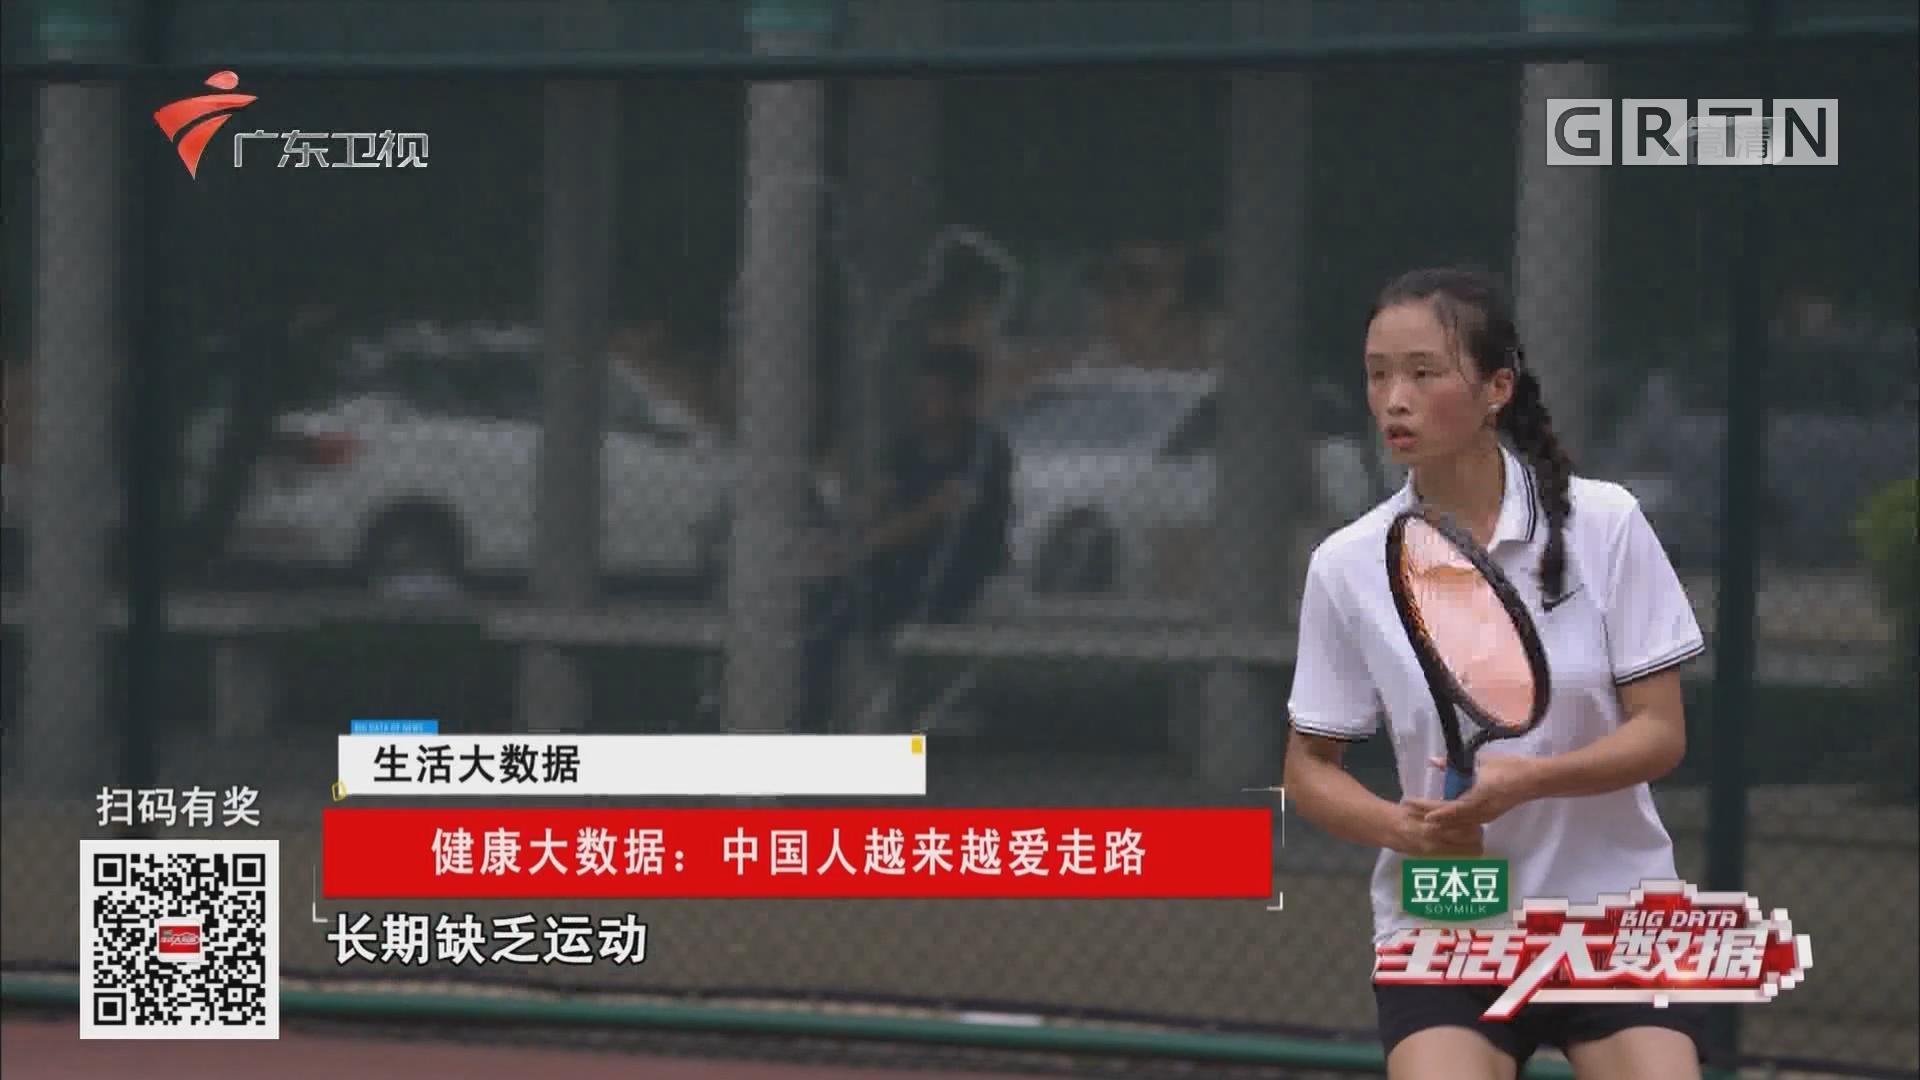 健康大数据:中国人越来越爱走路